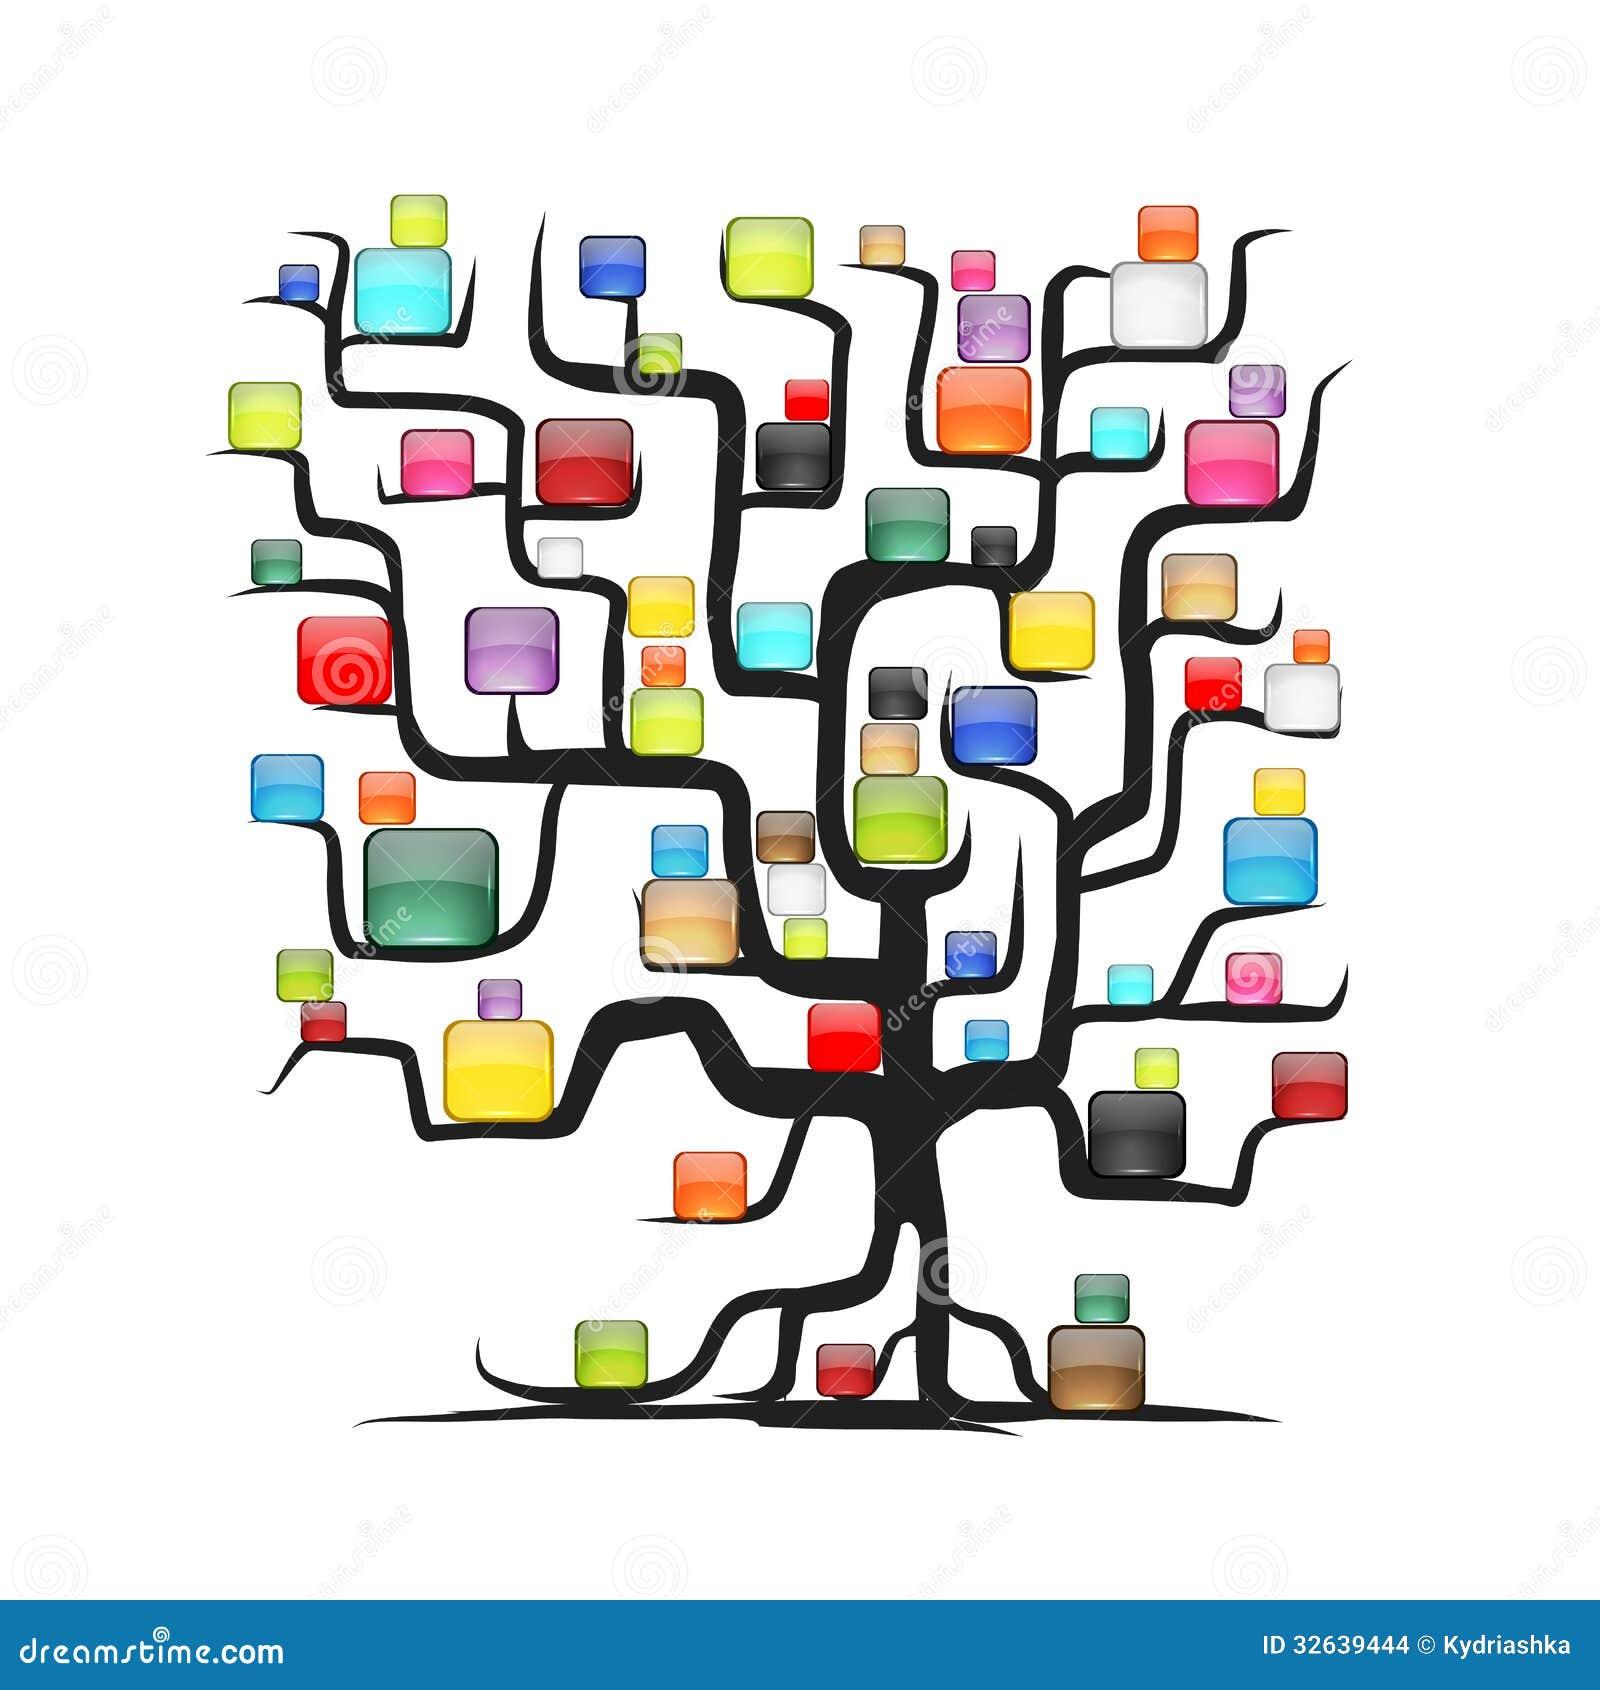 Abstracte boom met glanzende ballen voor uw ontwerp stock afbeeldingen afbeelding 32639444 - Boom ontwerp ...